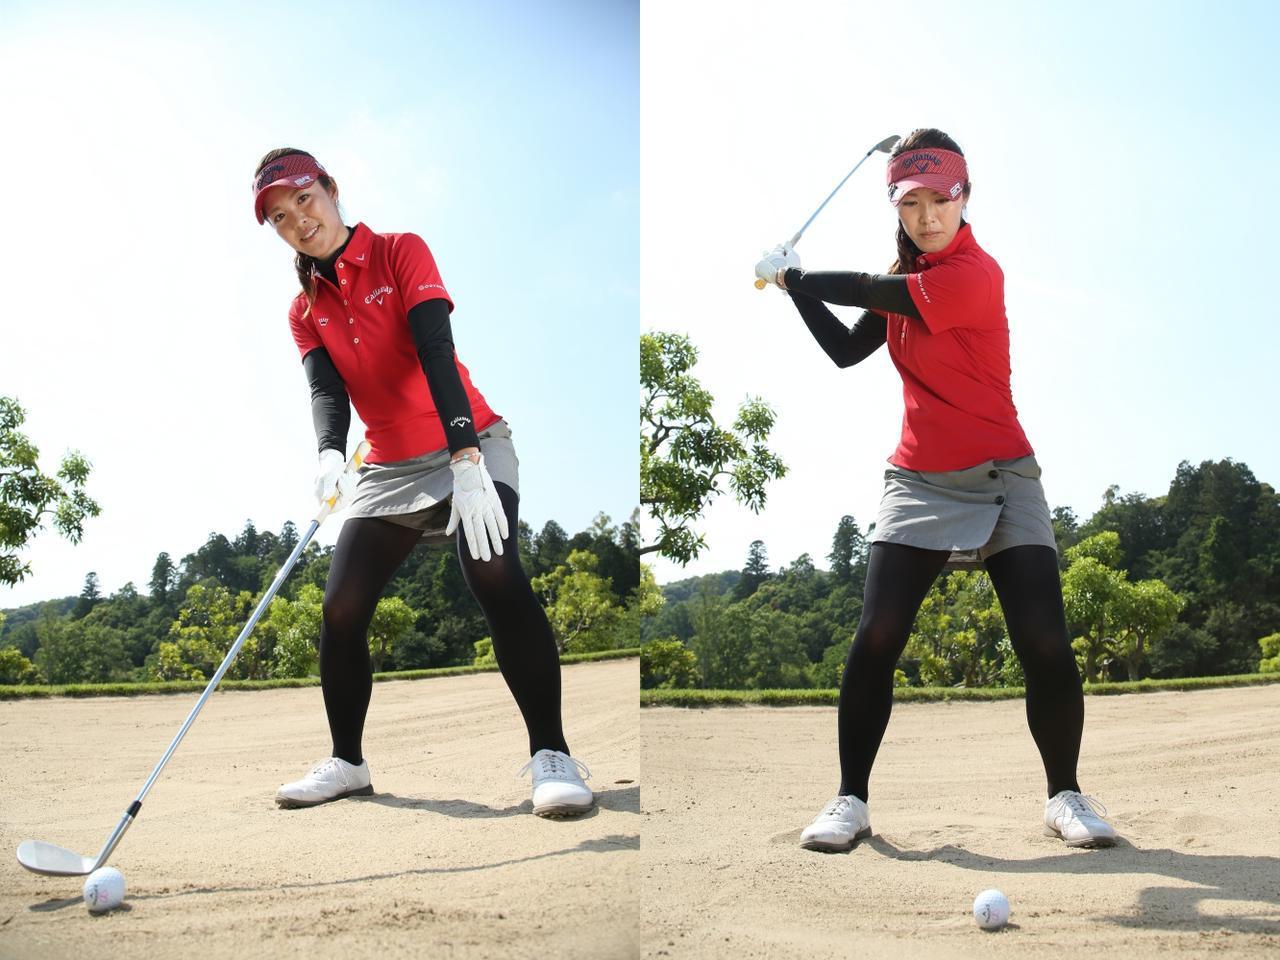 画像: 手がひざに届くくらい重心を下げたら(写真左)、大振りせず小さめのトップで振ろう(写真右)